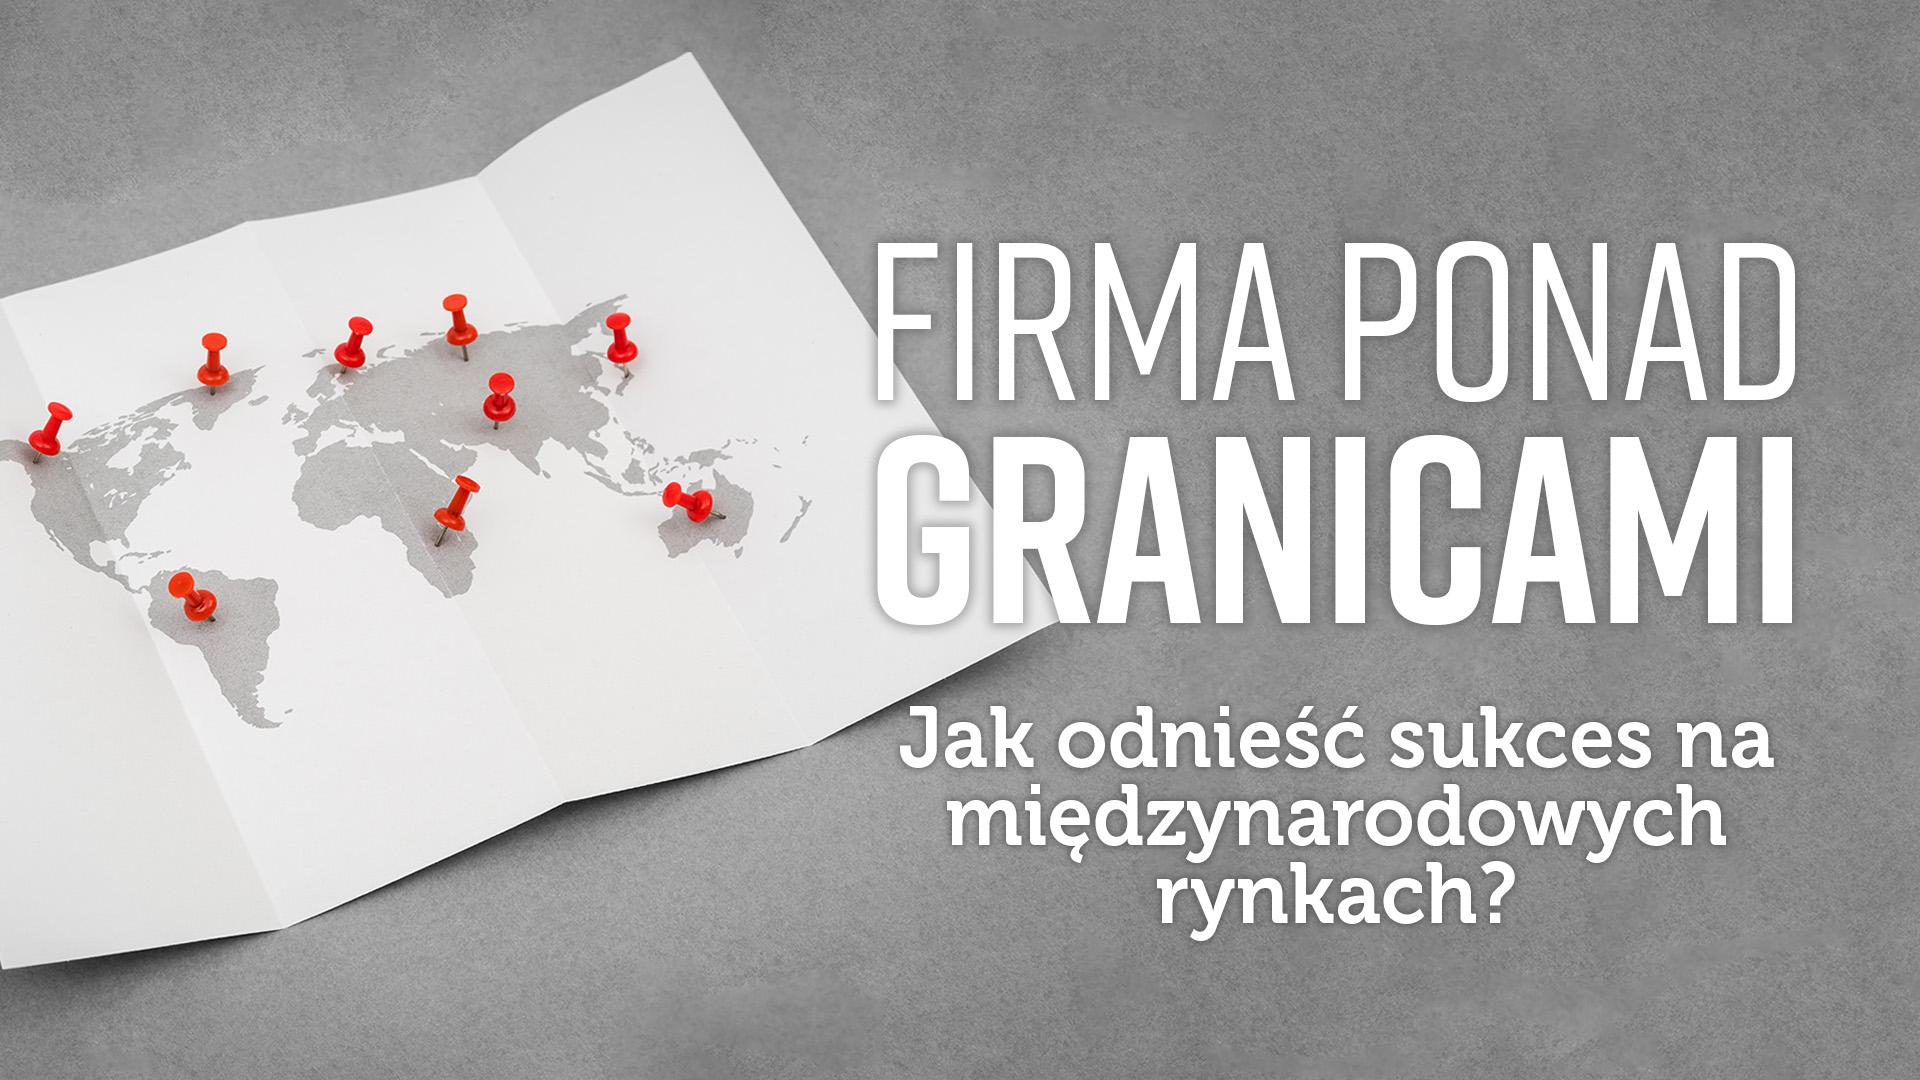 Firma ponad granicami tytuł PL